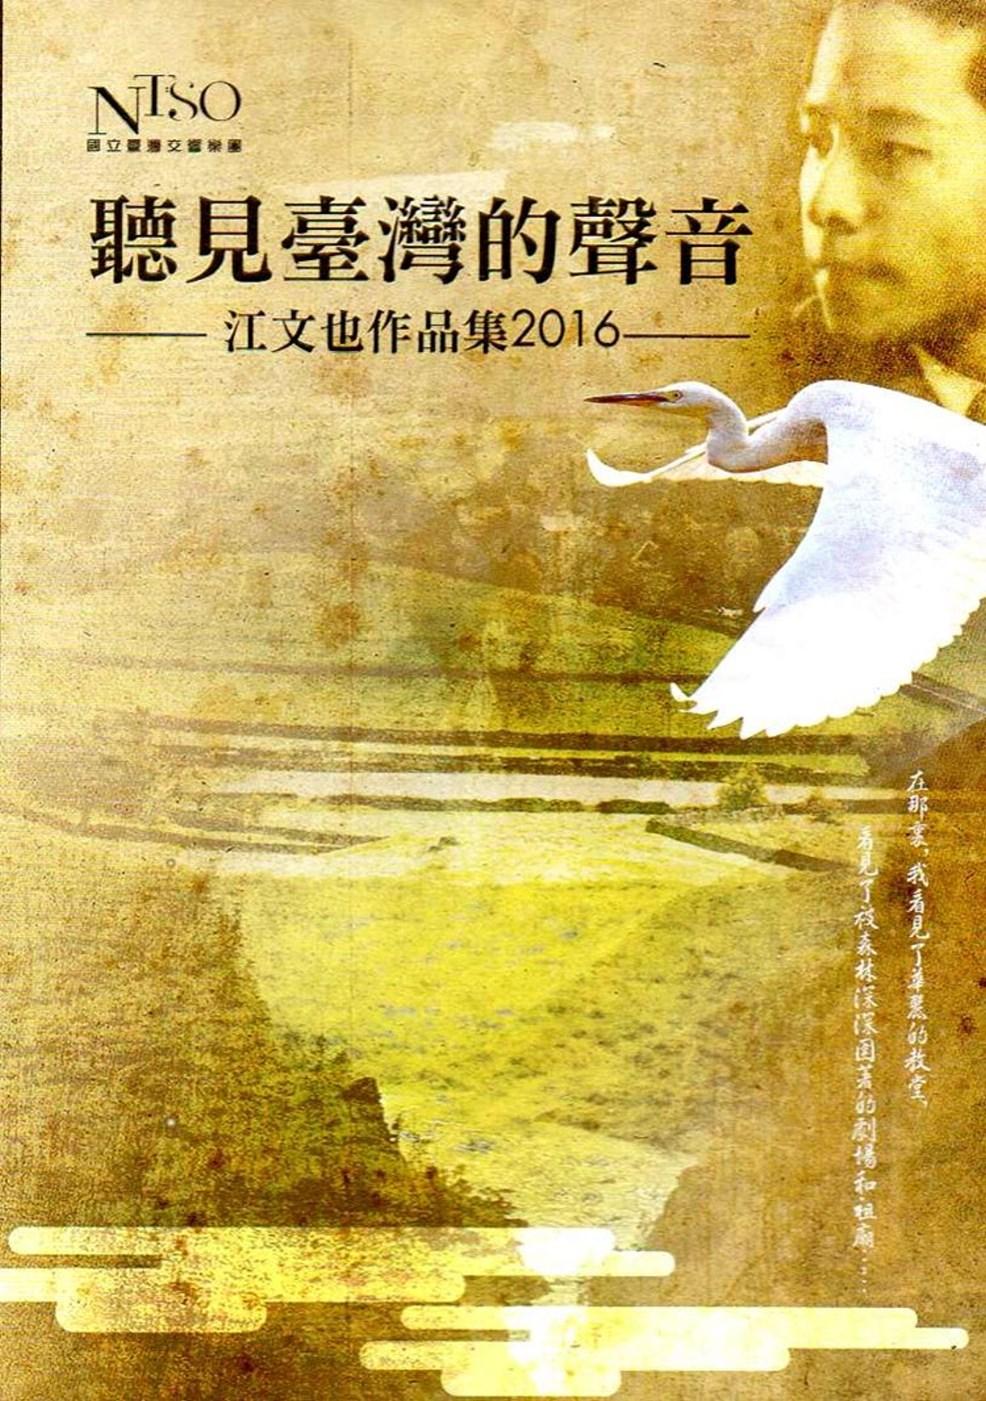 聽見臺灣的聲音:江文也作品集2016-[2CD]